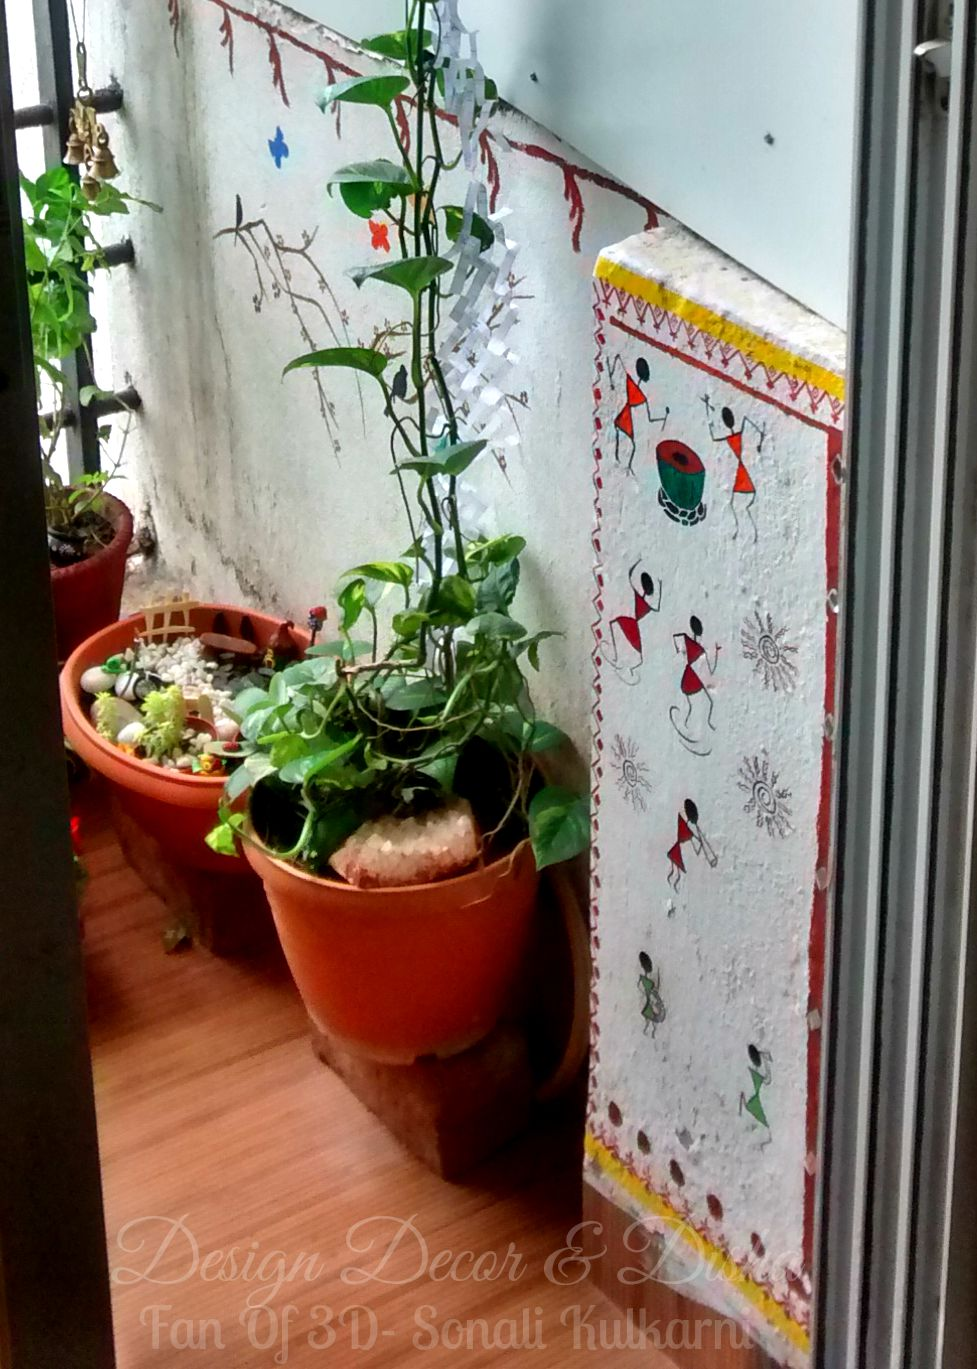 Home Garden Design Ideas India: An Indian Design & Decor Blog: Fan